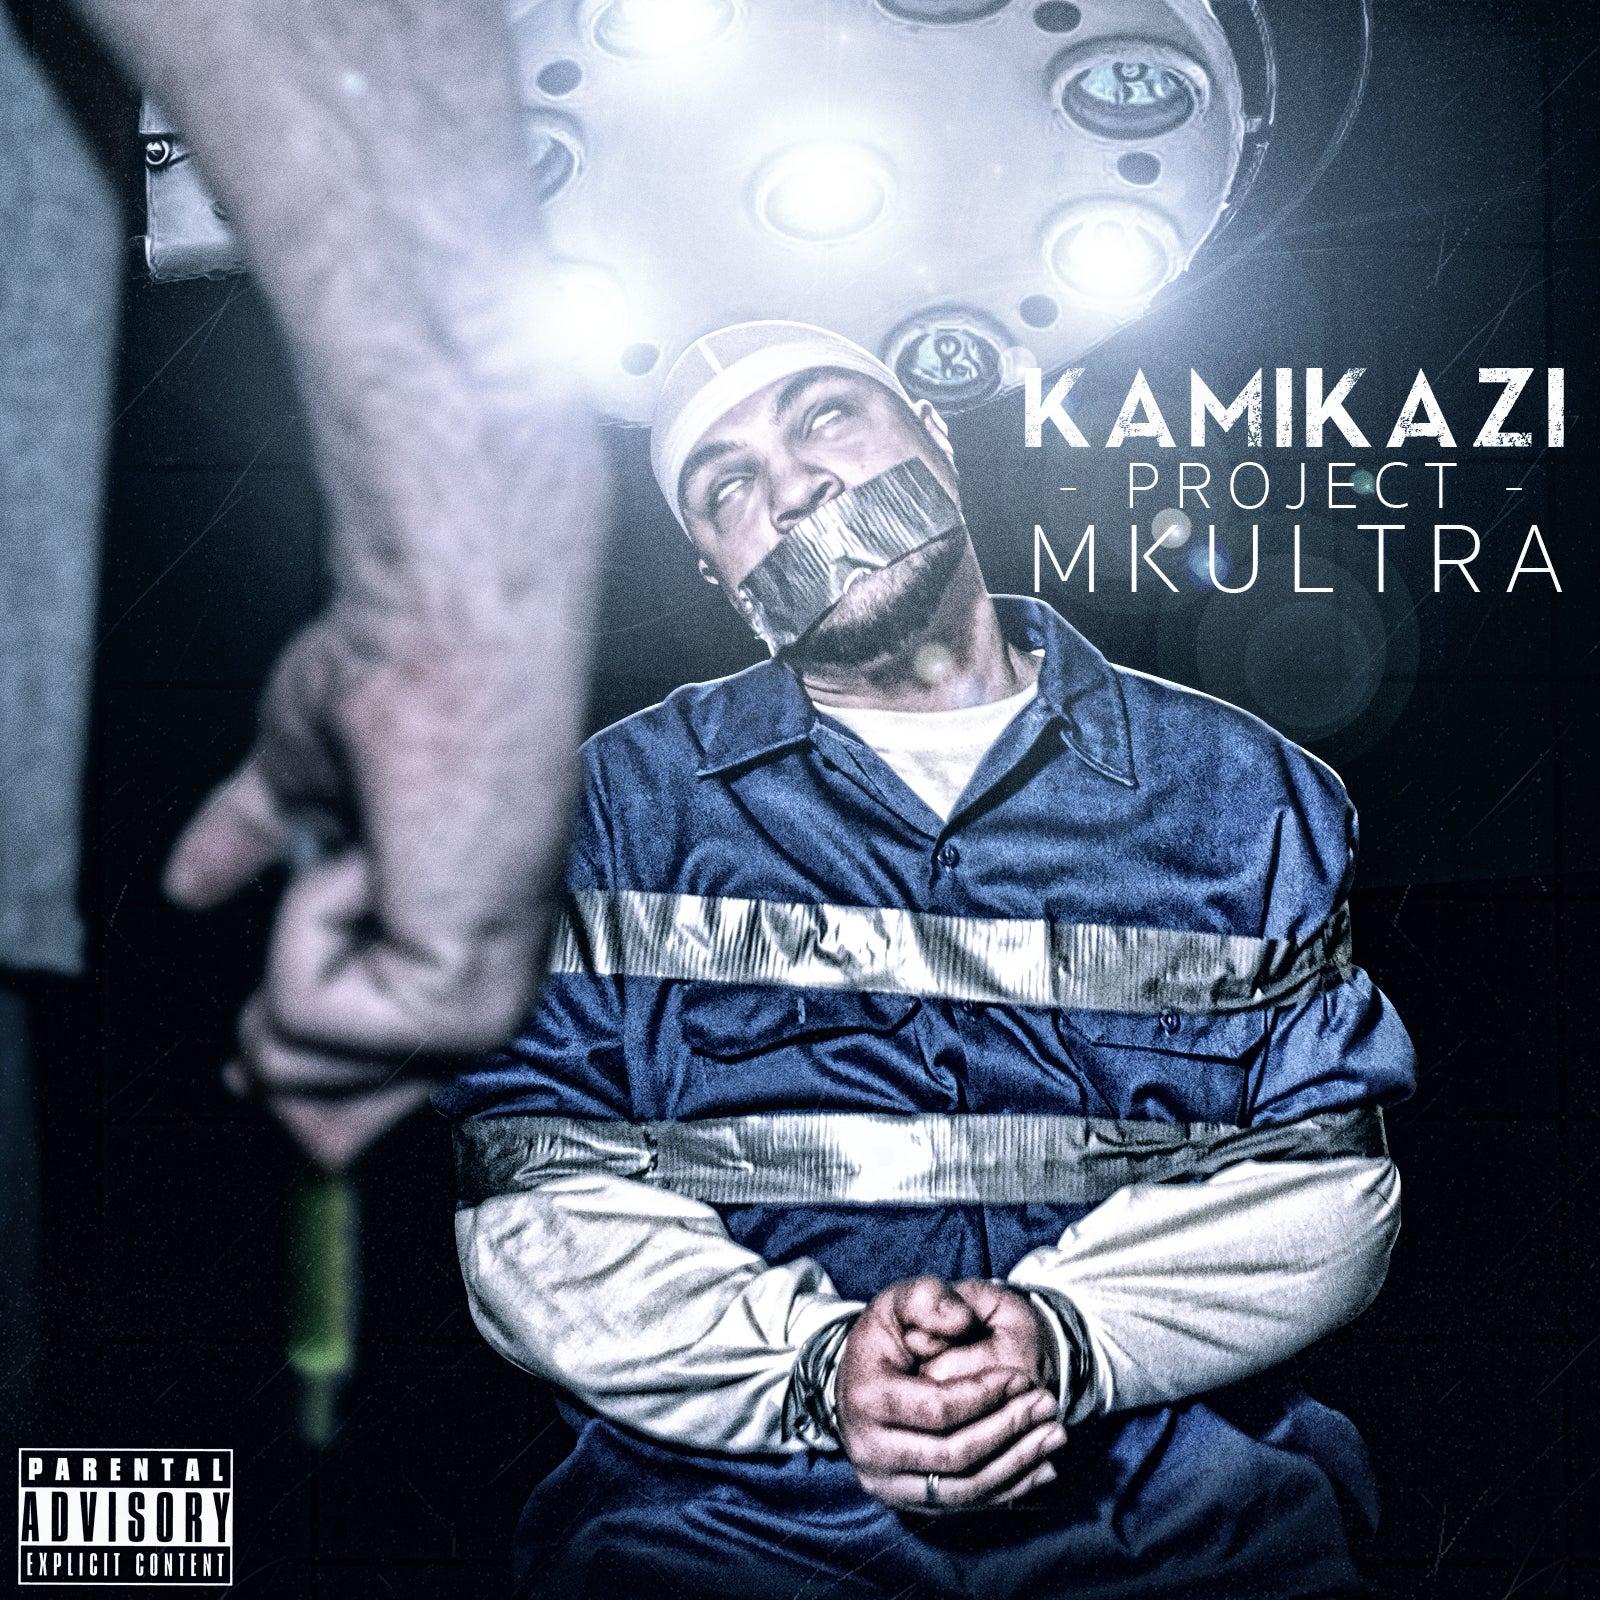 Home / Kamikazi